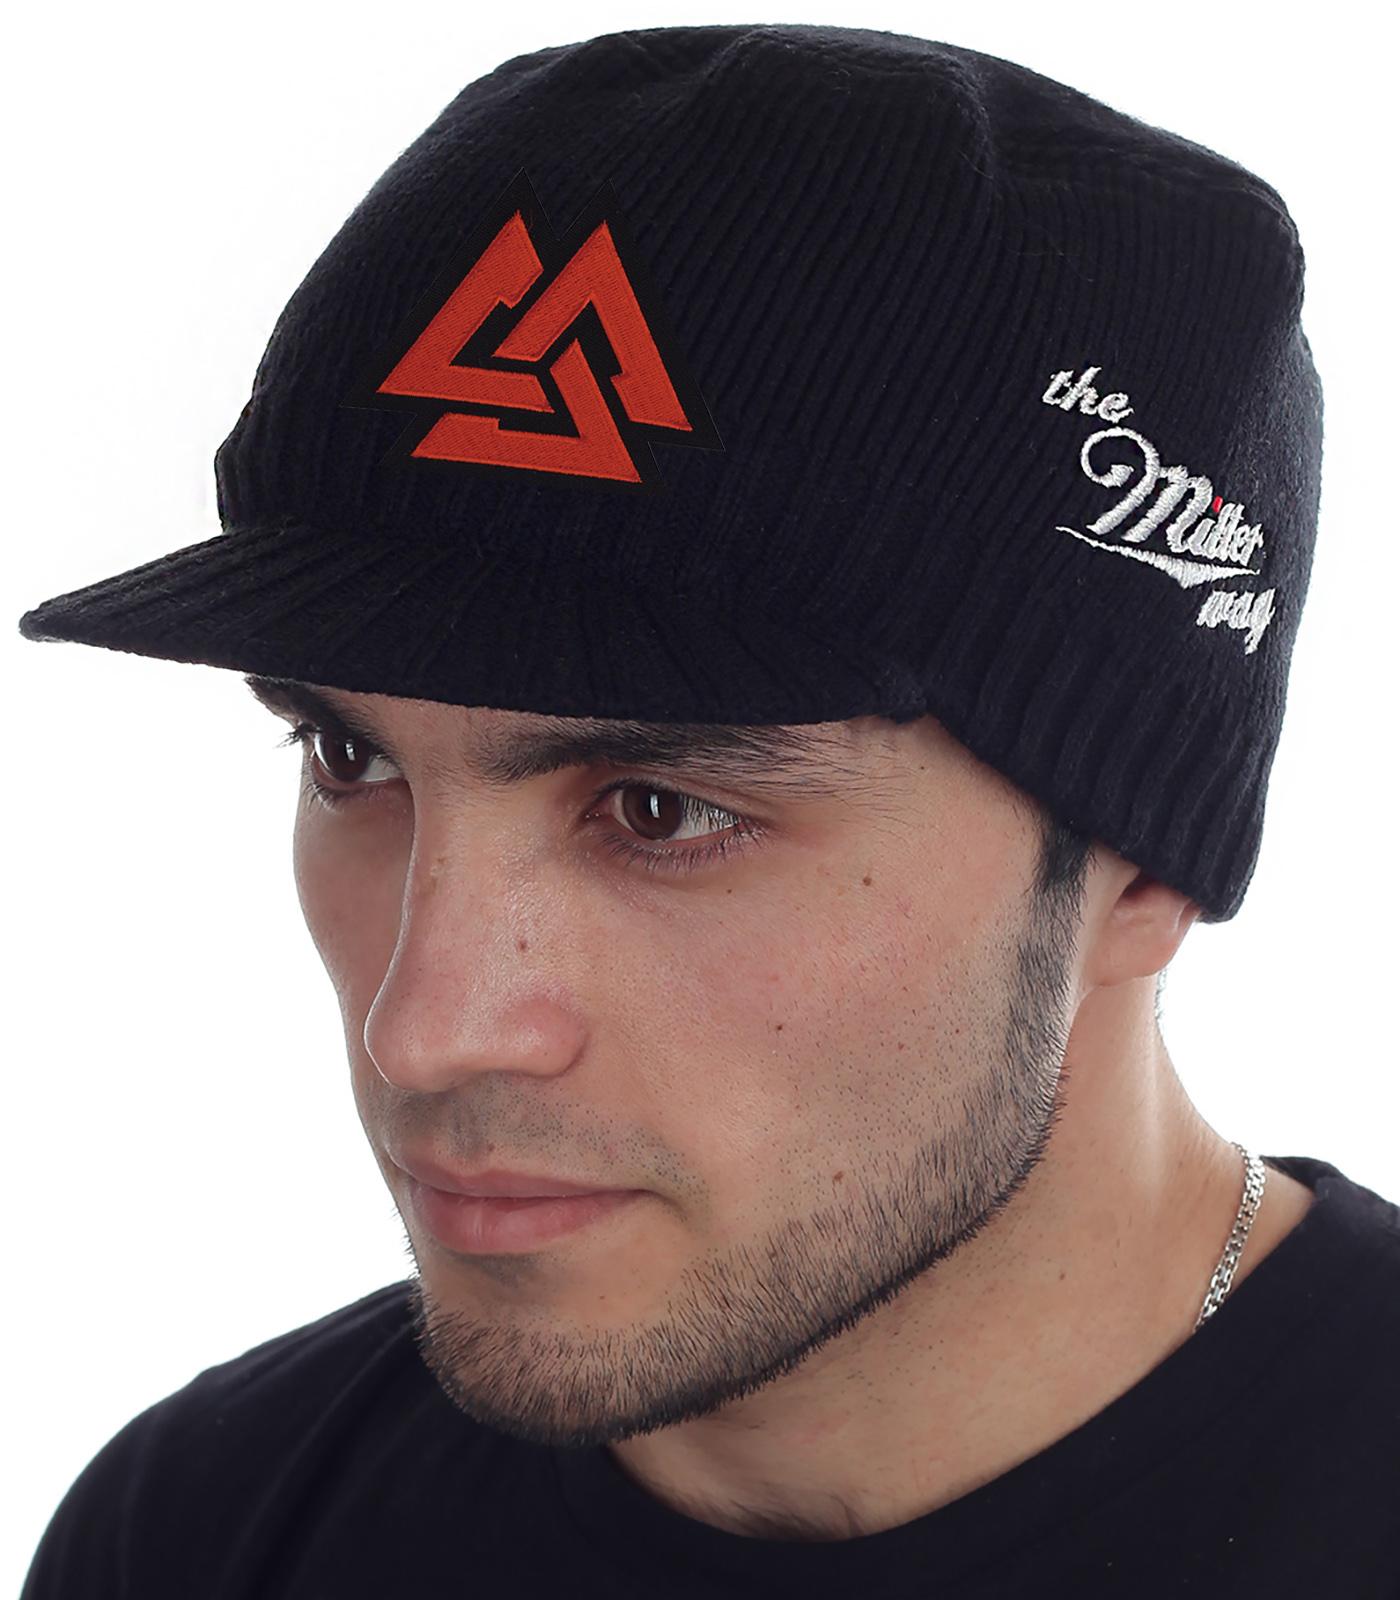 Сколько стоит вязаная шапка-кепка? У нас очень дешево